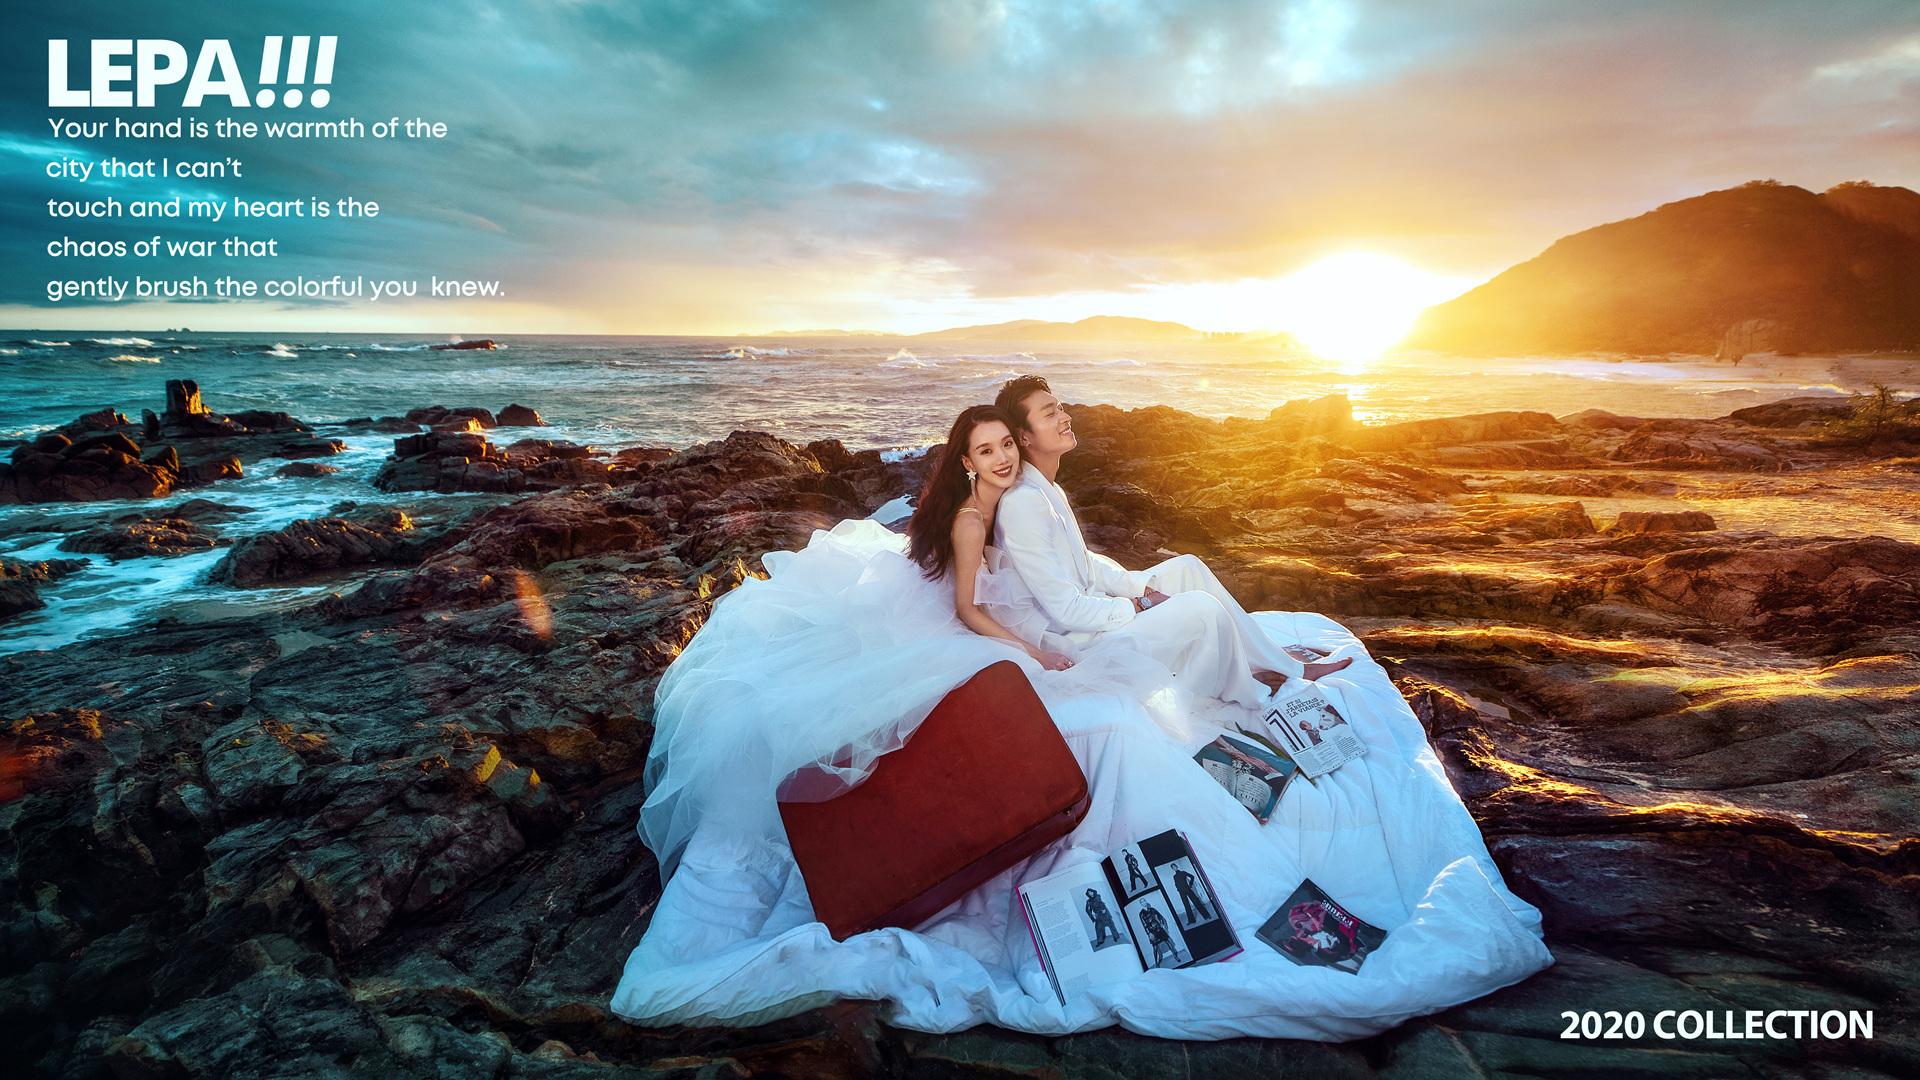 旅拍婚纱照注意事项 旅拍完整攻略分享